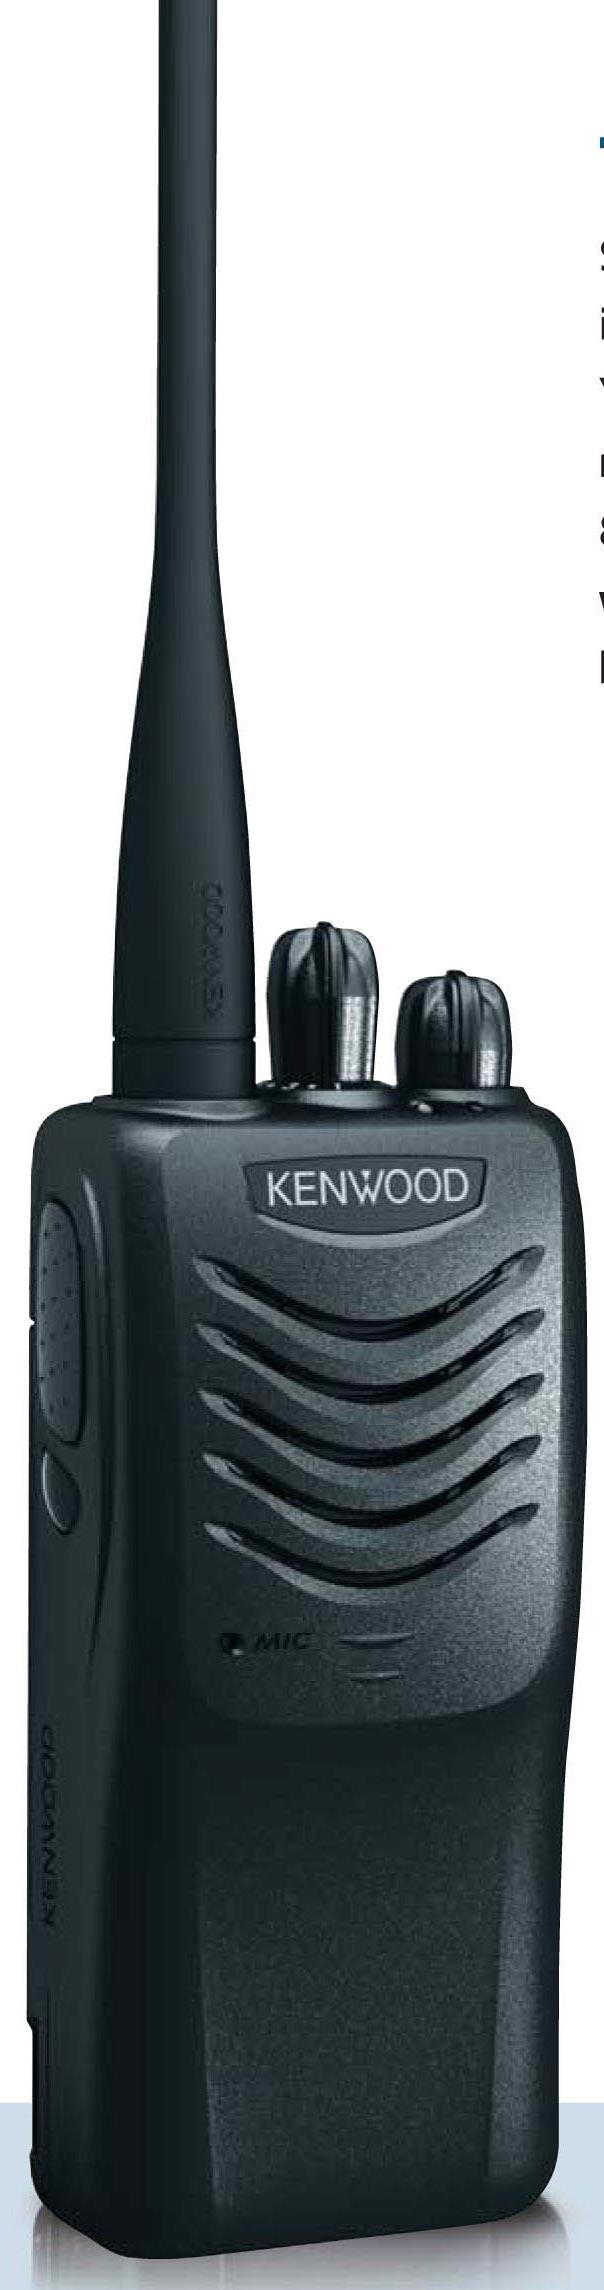 ... it makes perfect TK2000